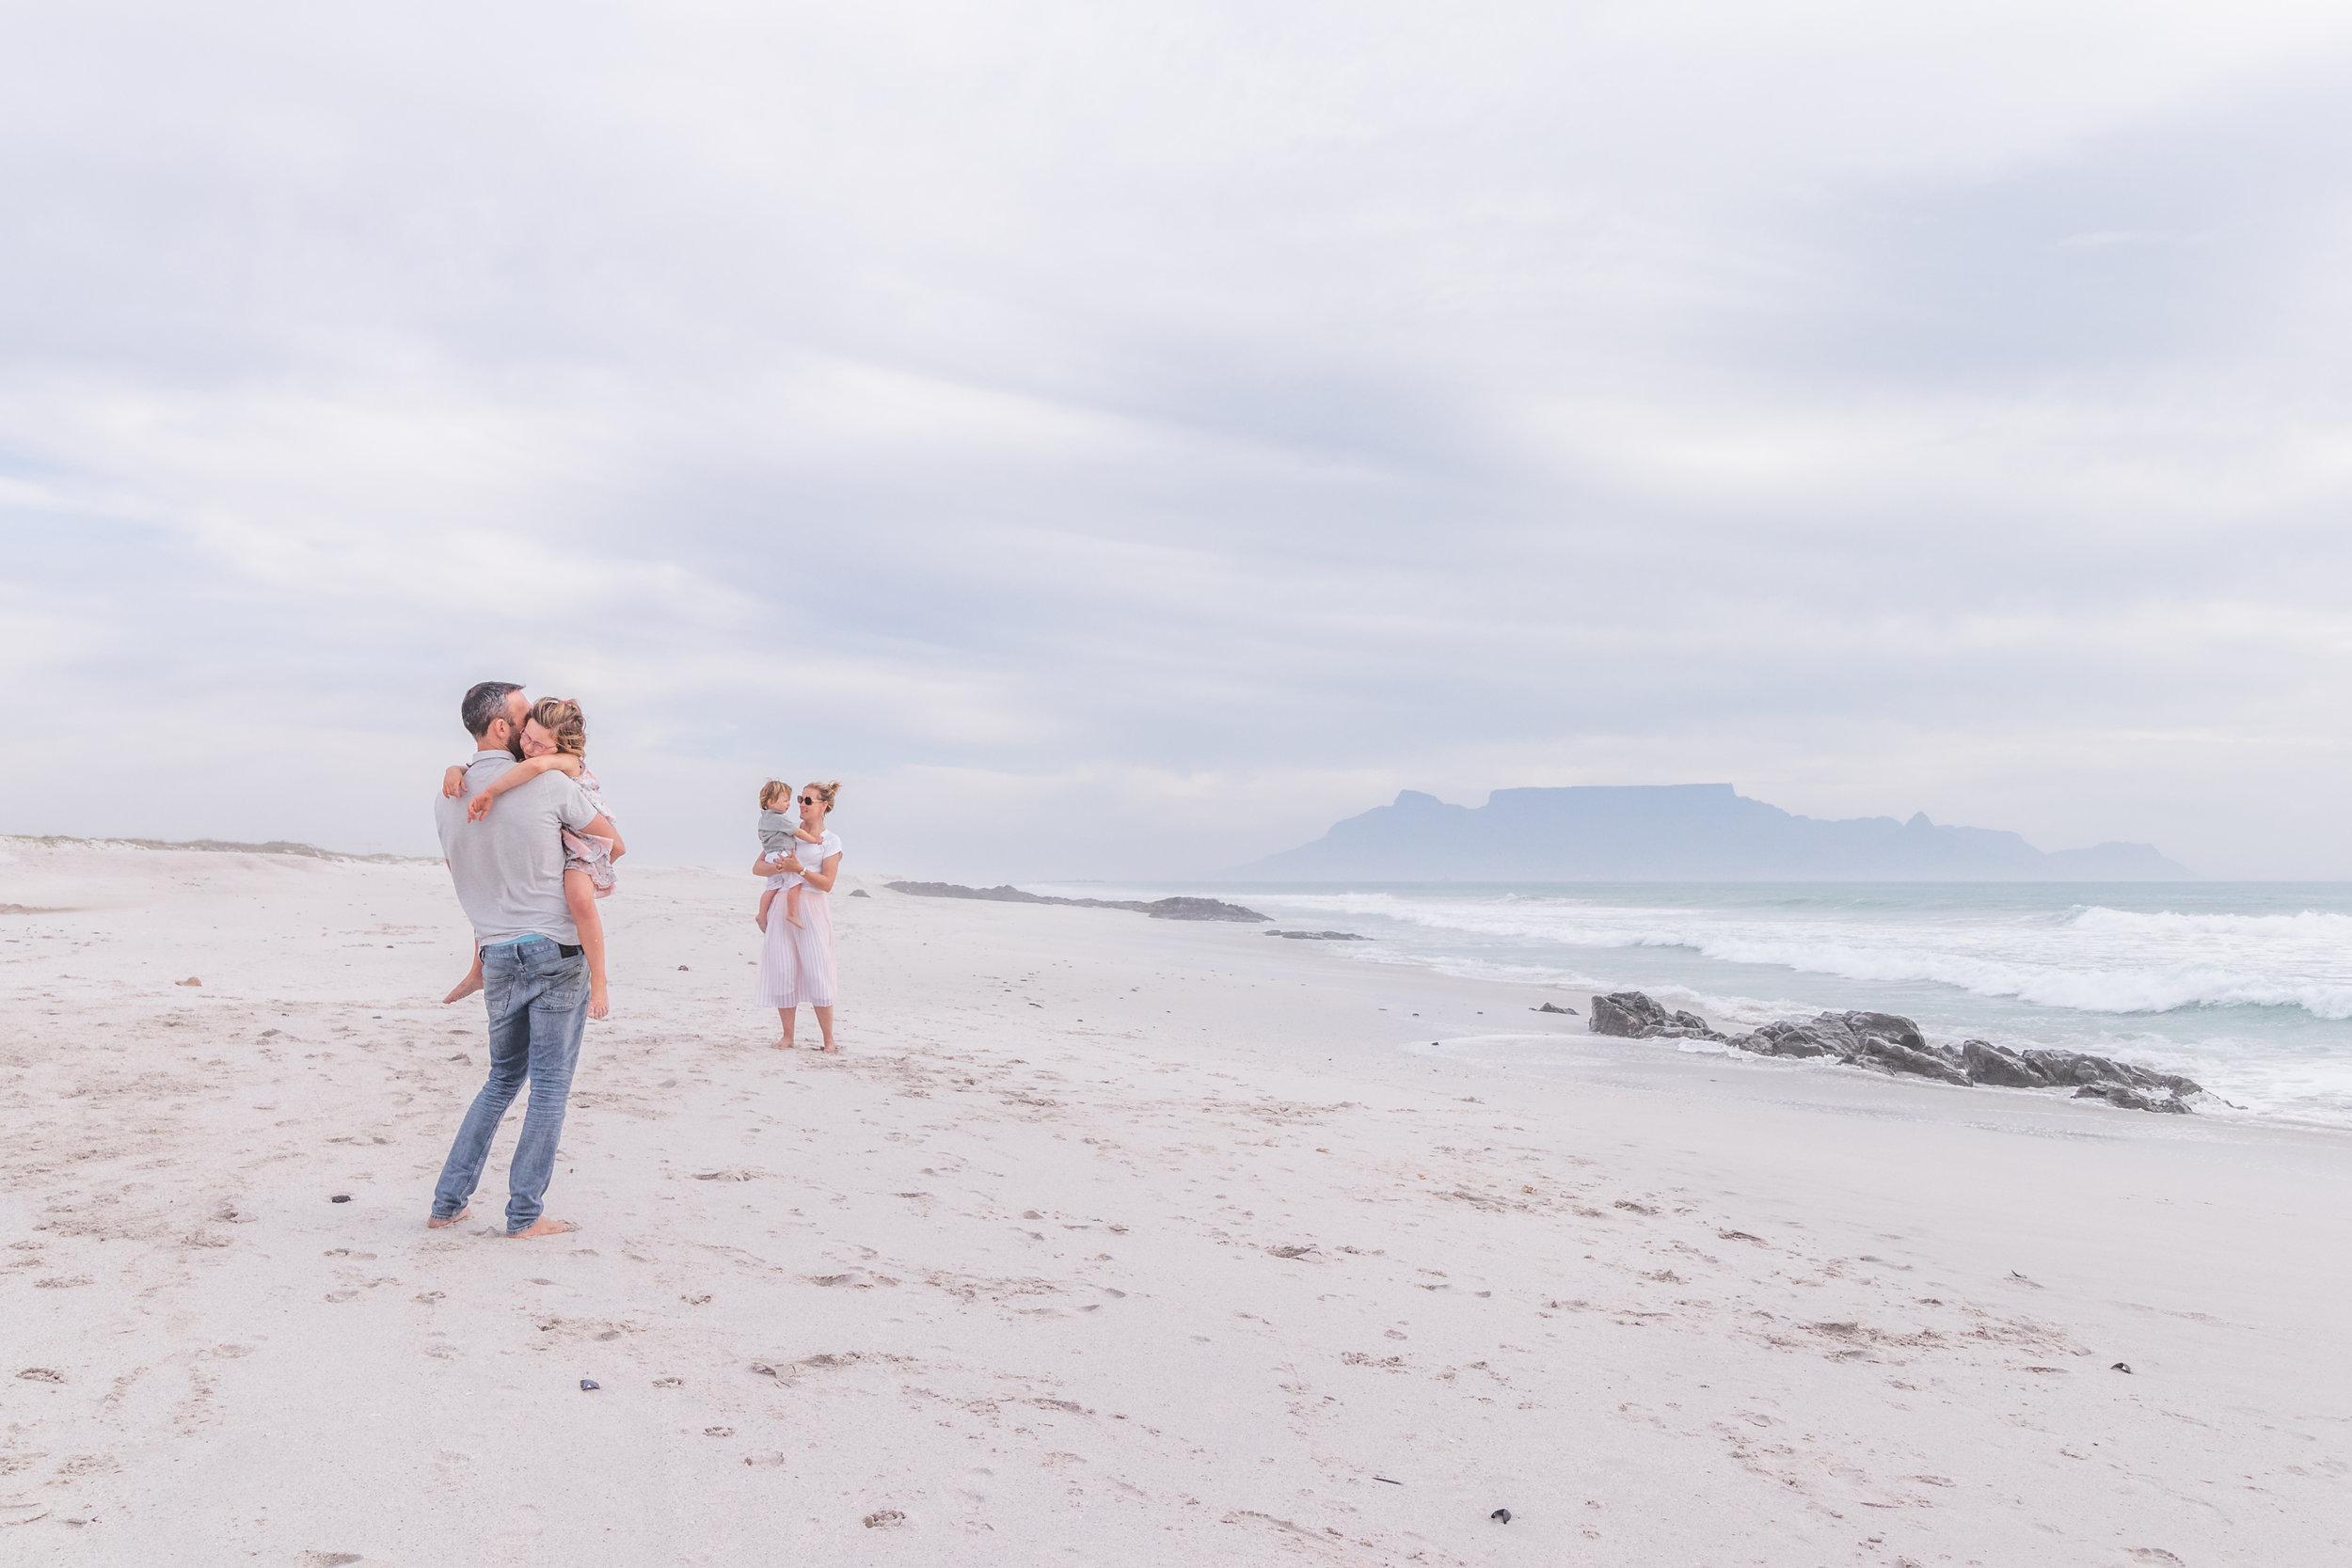 Ken Treloar Photography - Monteban Family Photos - Cape Town 2018 (high-res)-21.jpg